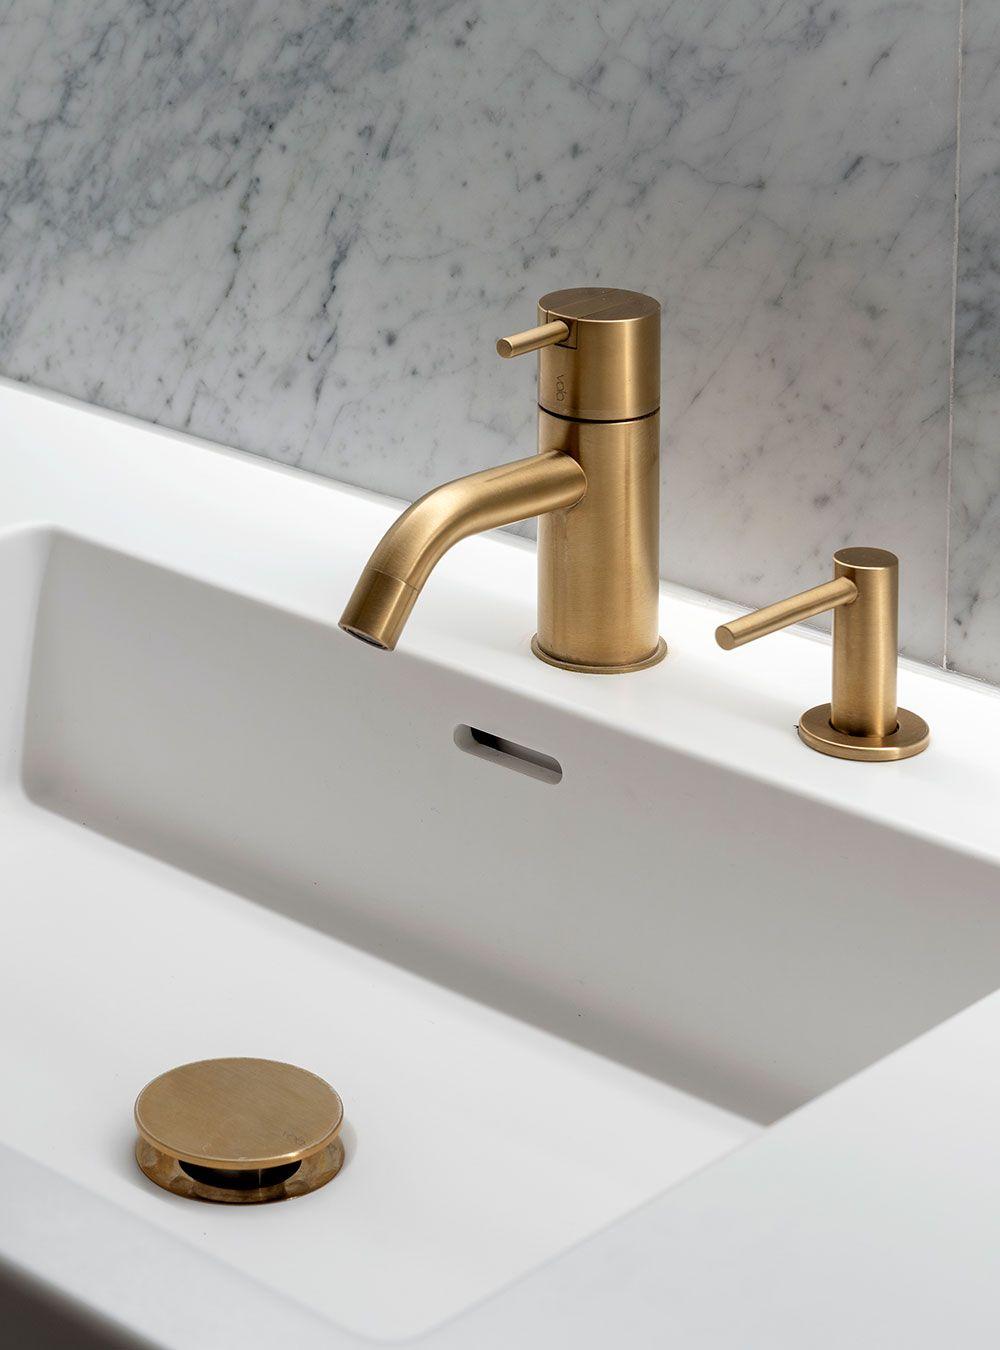 Brushed Gold Bathroom Faucet Gold Bathroom Faucet Bathroom Faucets Gold Bathroom [ 1350 x 1000 Pixel ]